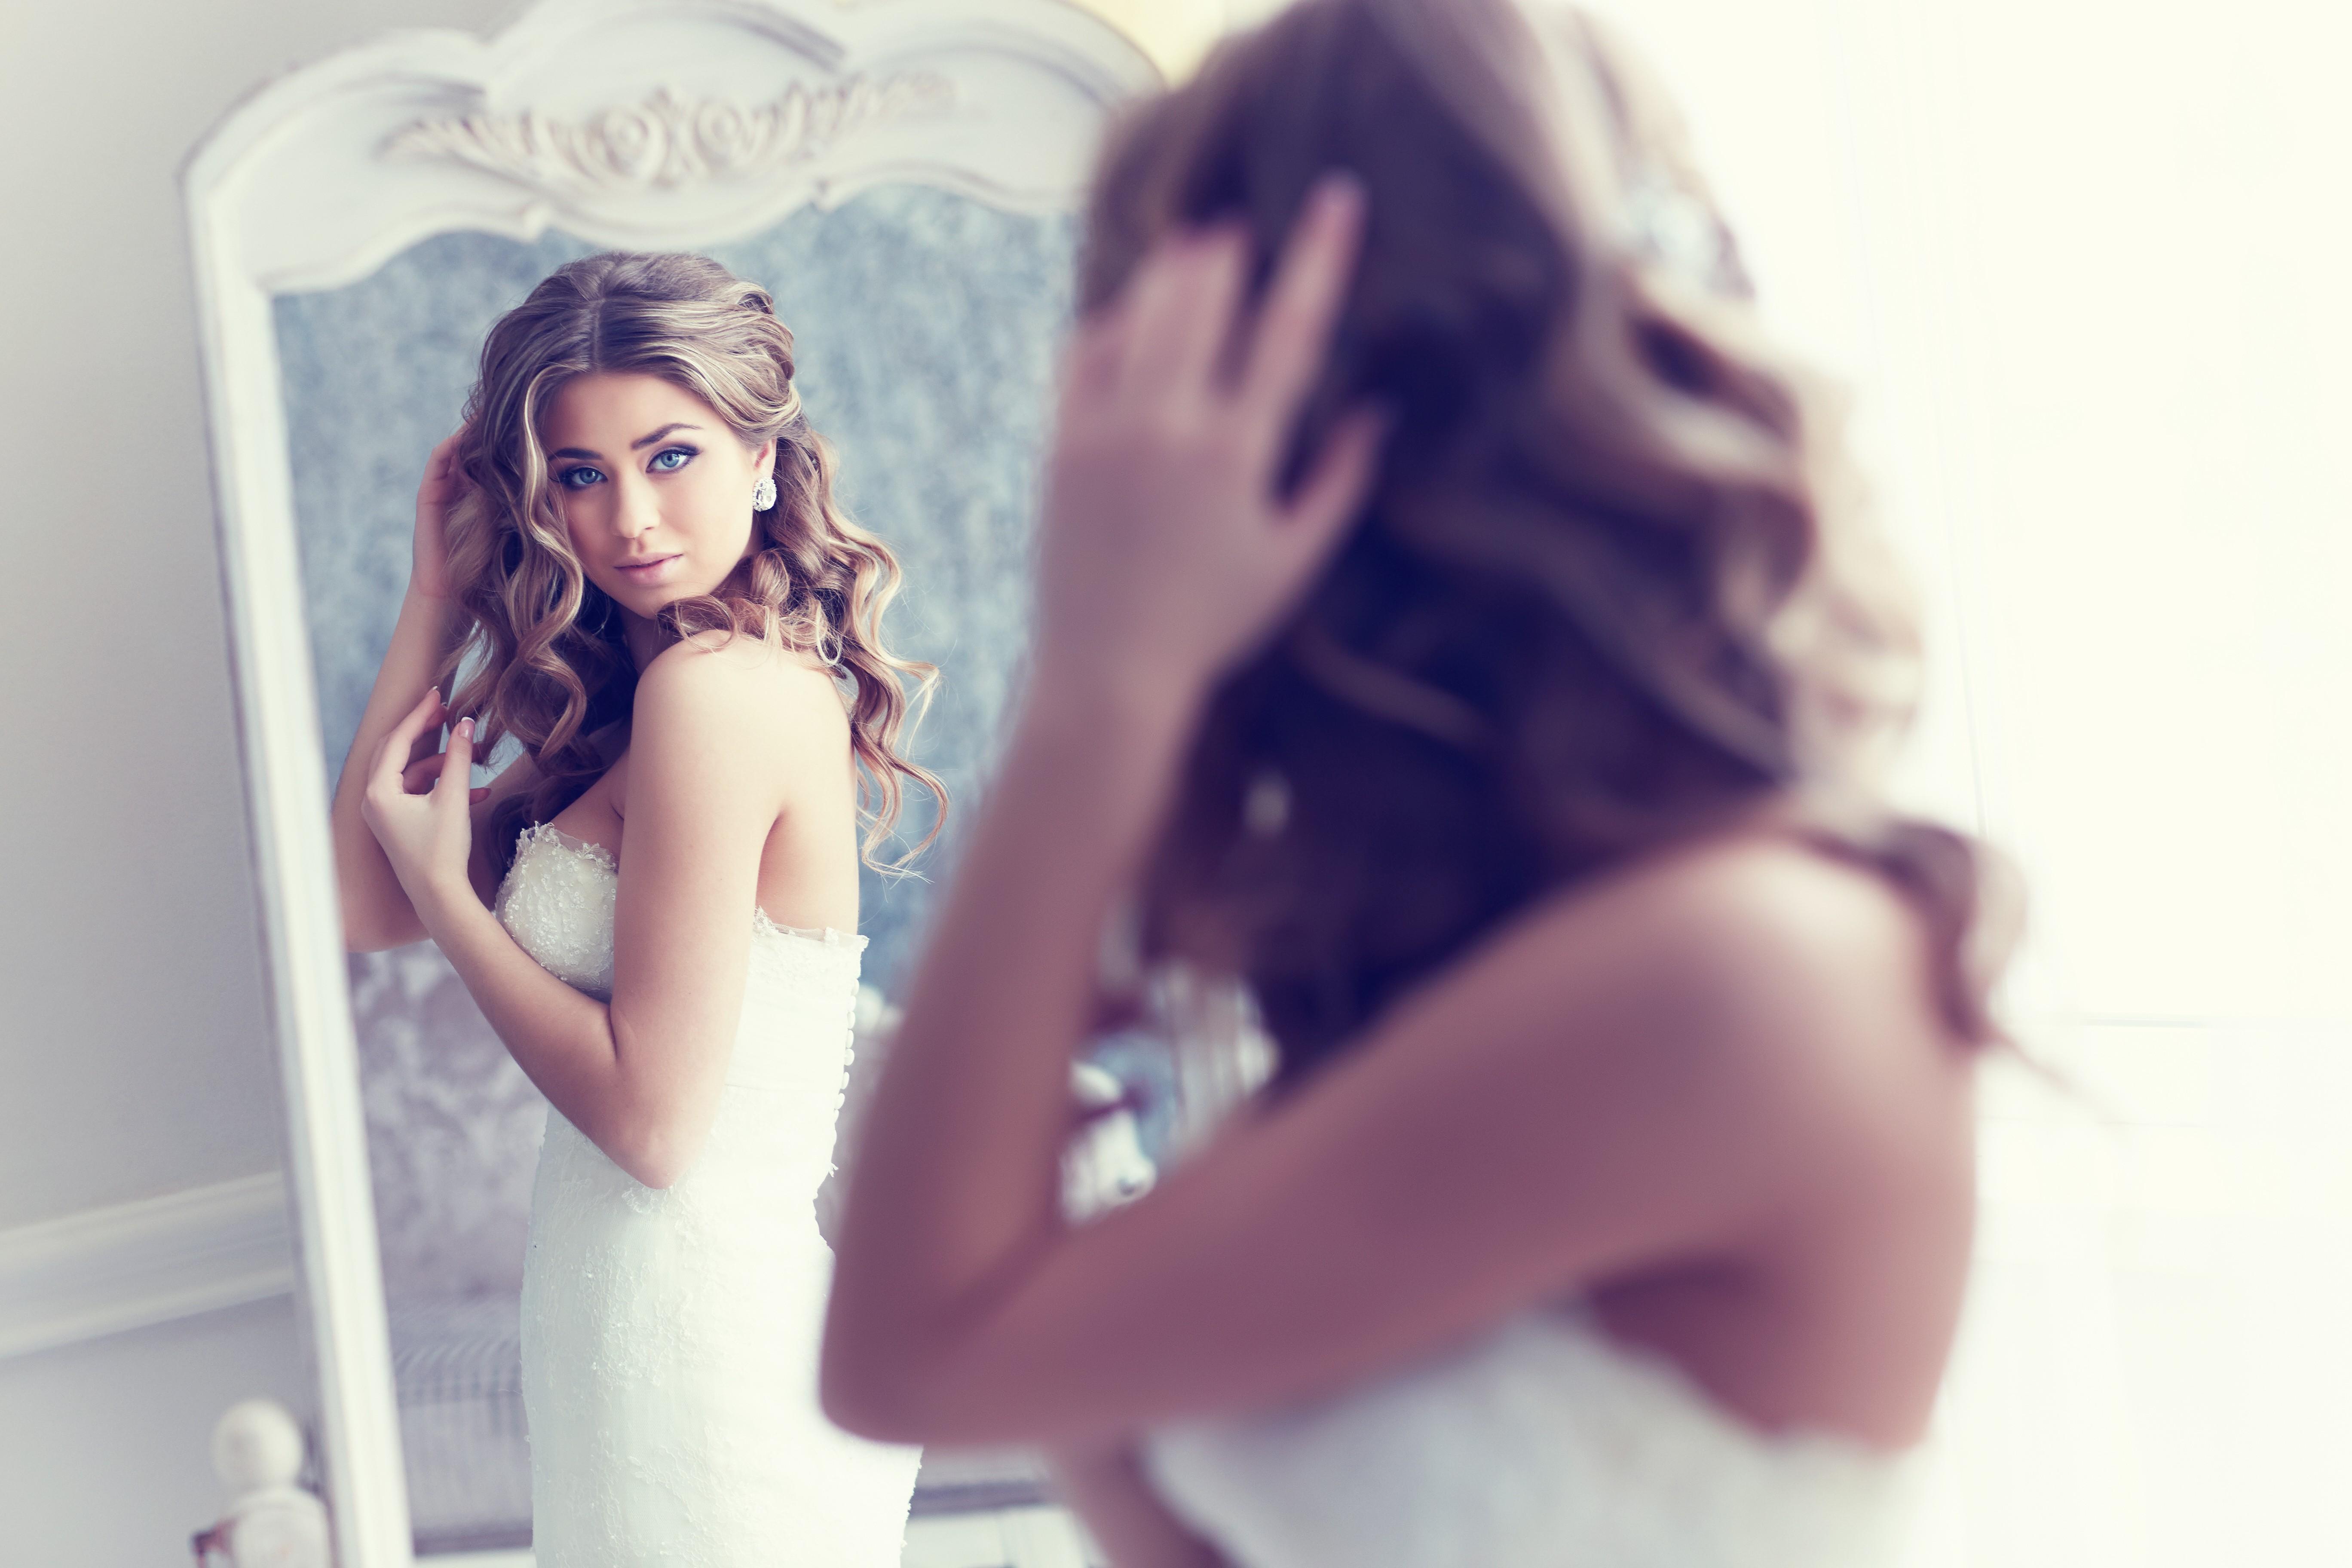 его красивая девушка у зеркала практически ничего неизвестно